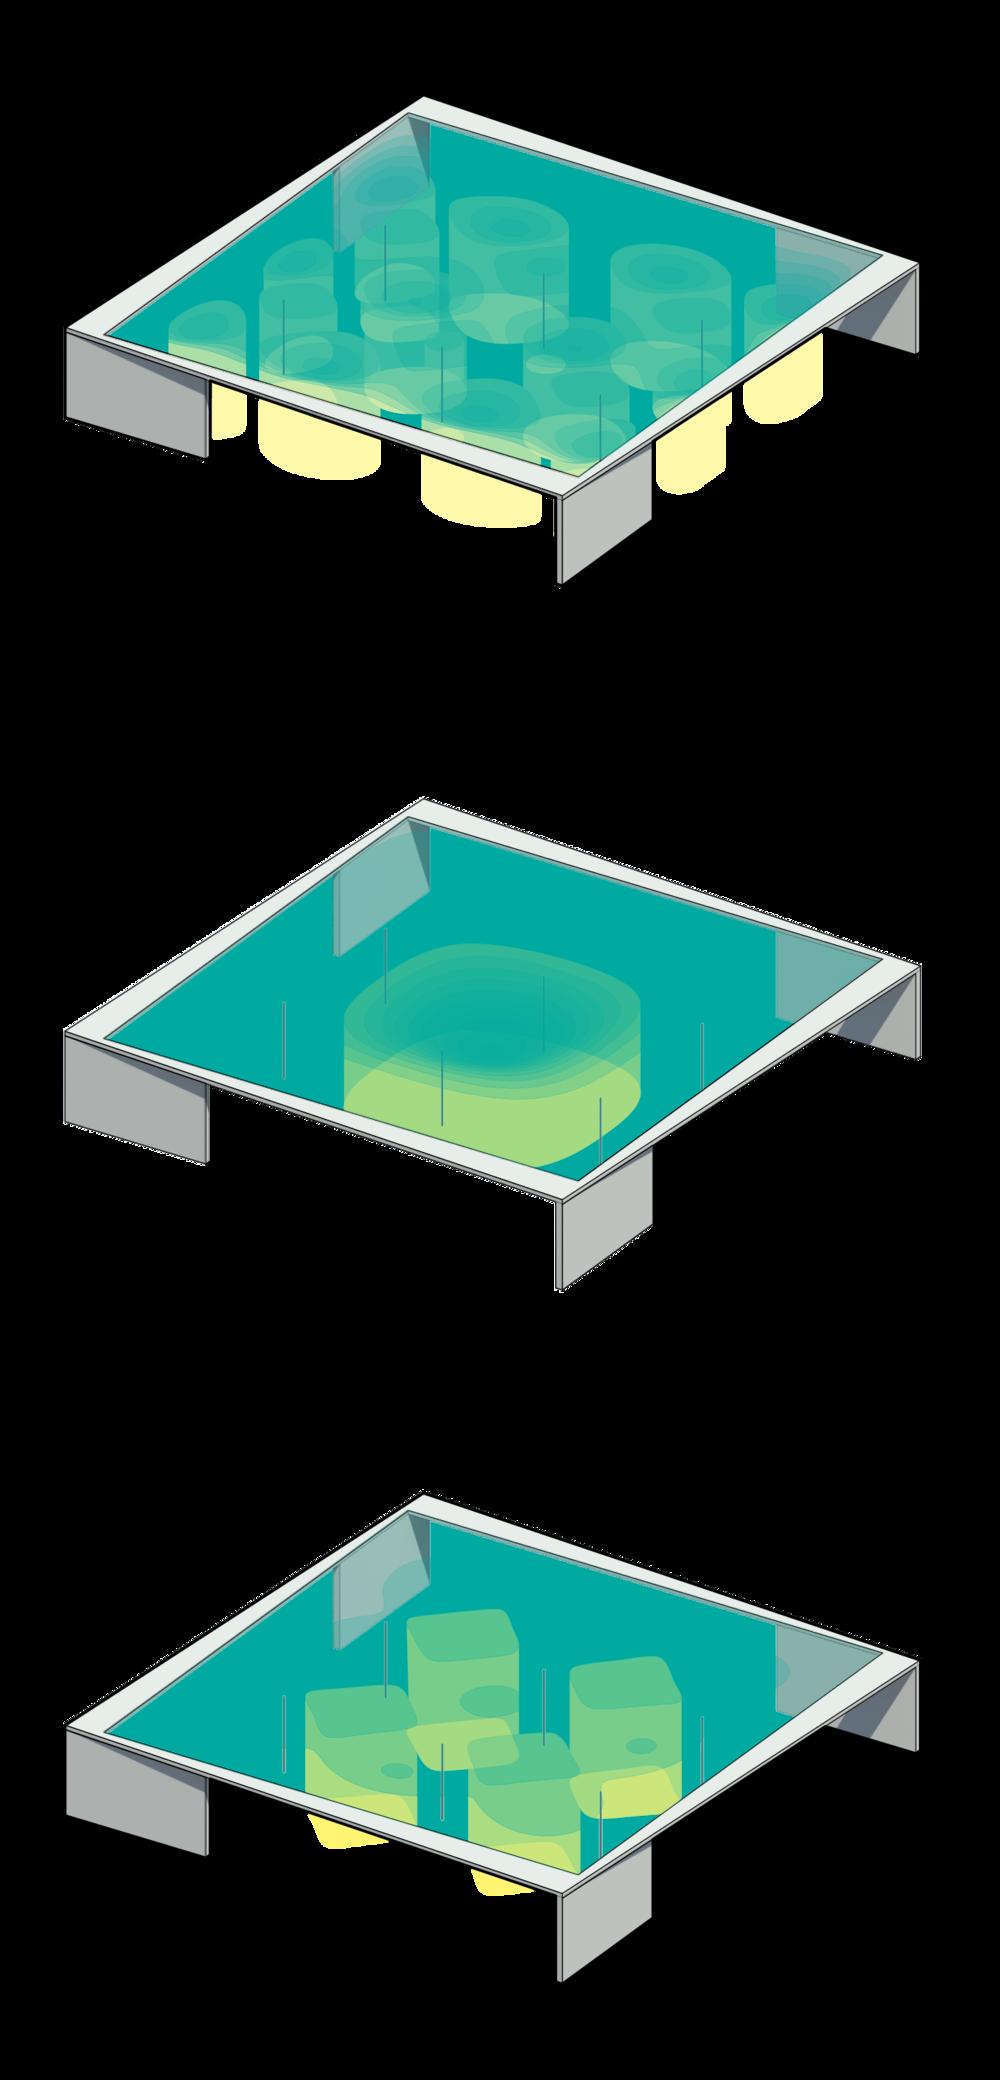 Pavilion_Diagram.png